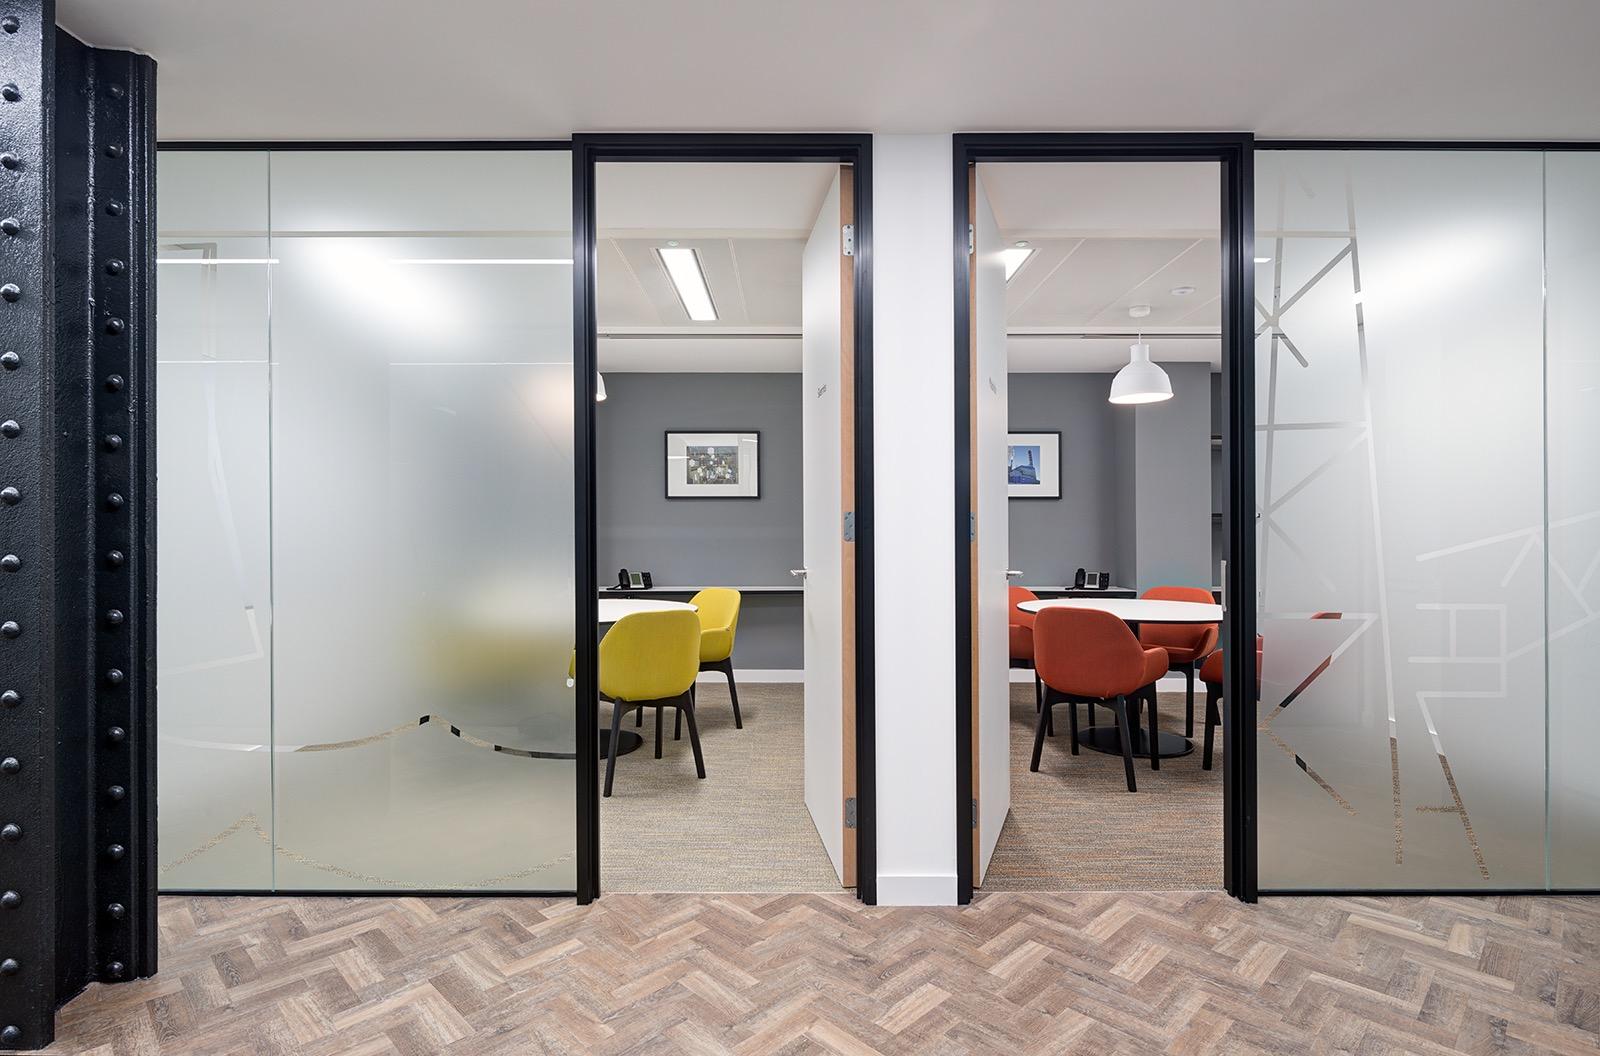 blackrock-london-office-4